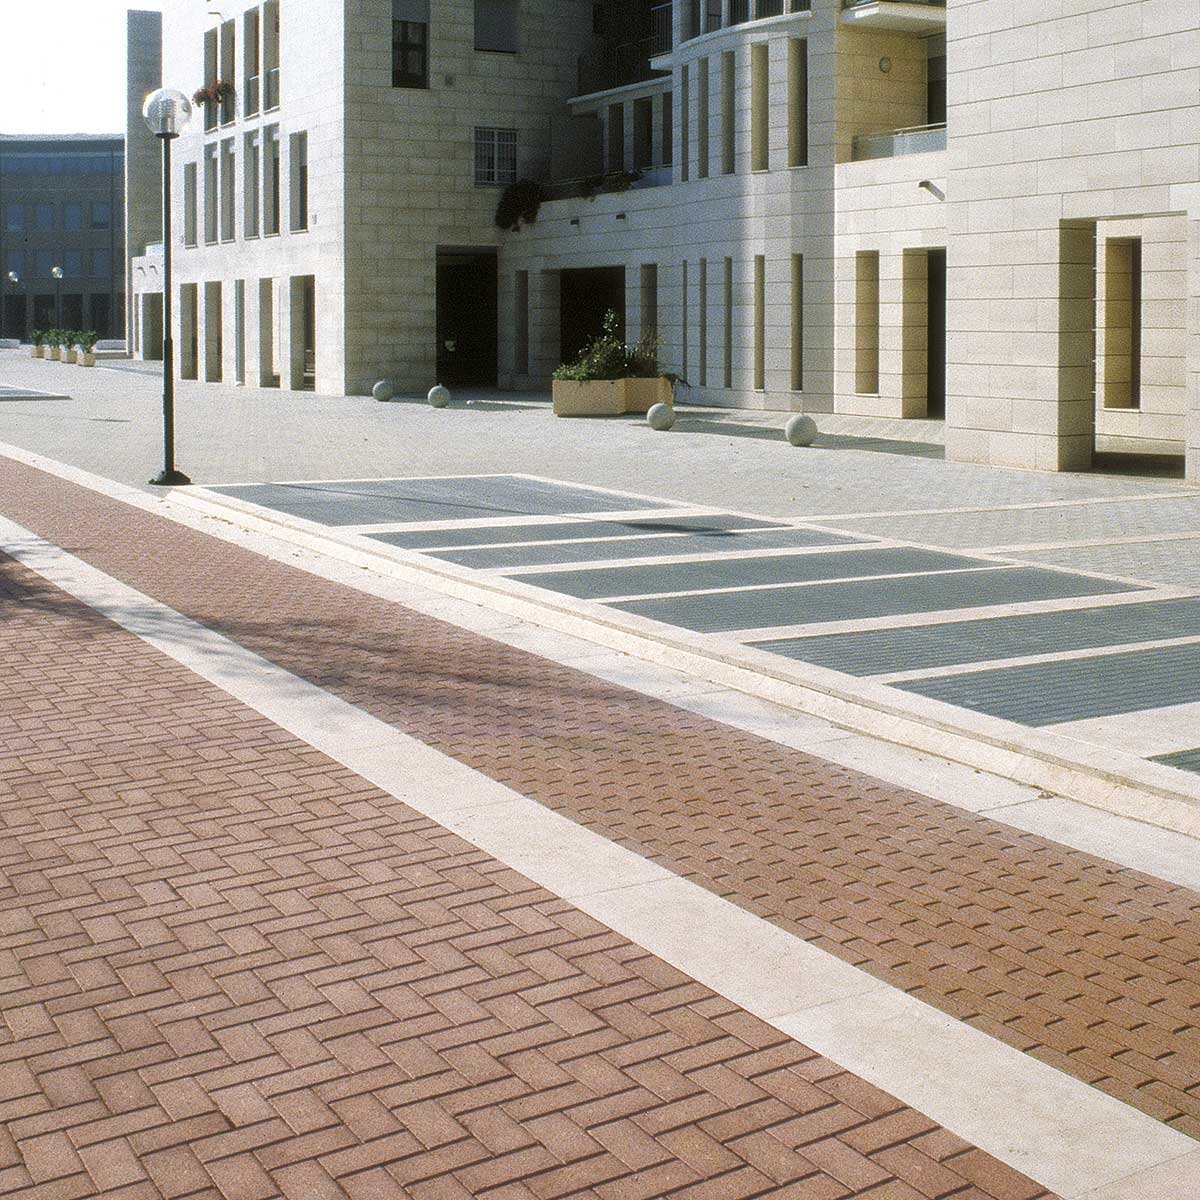 Pd 8 mattoncino mattonelle drenanti favaro lineaverde for Linea verde favaro